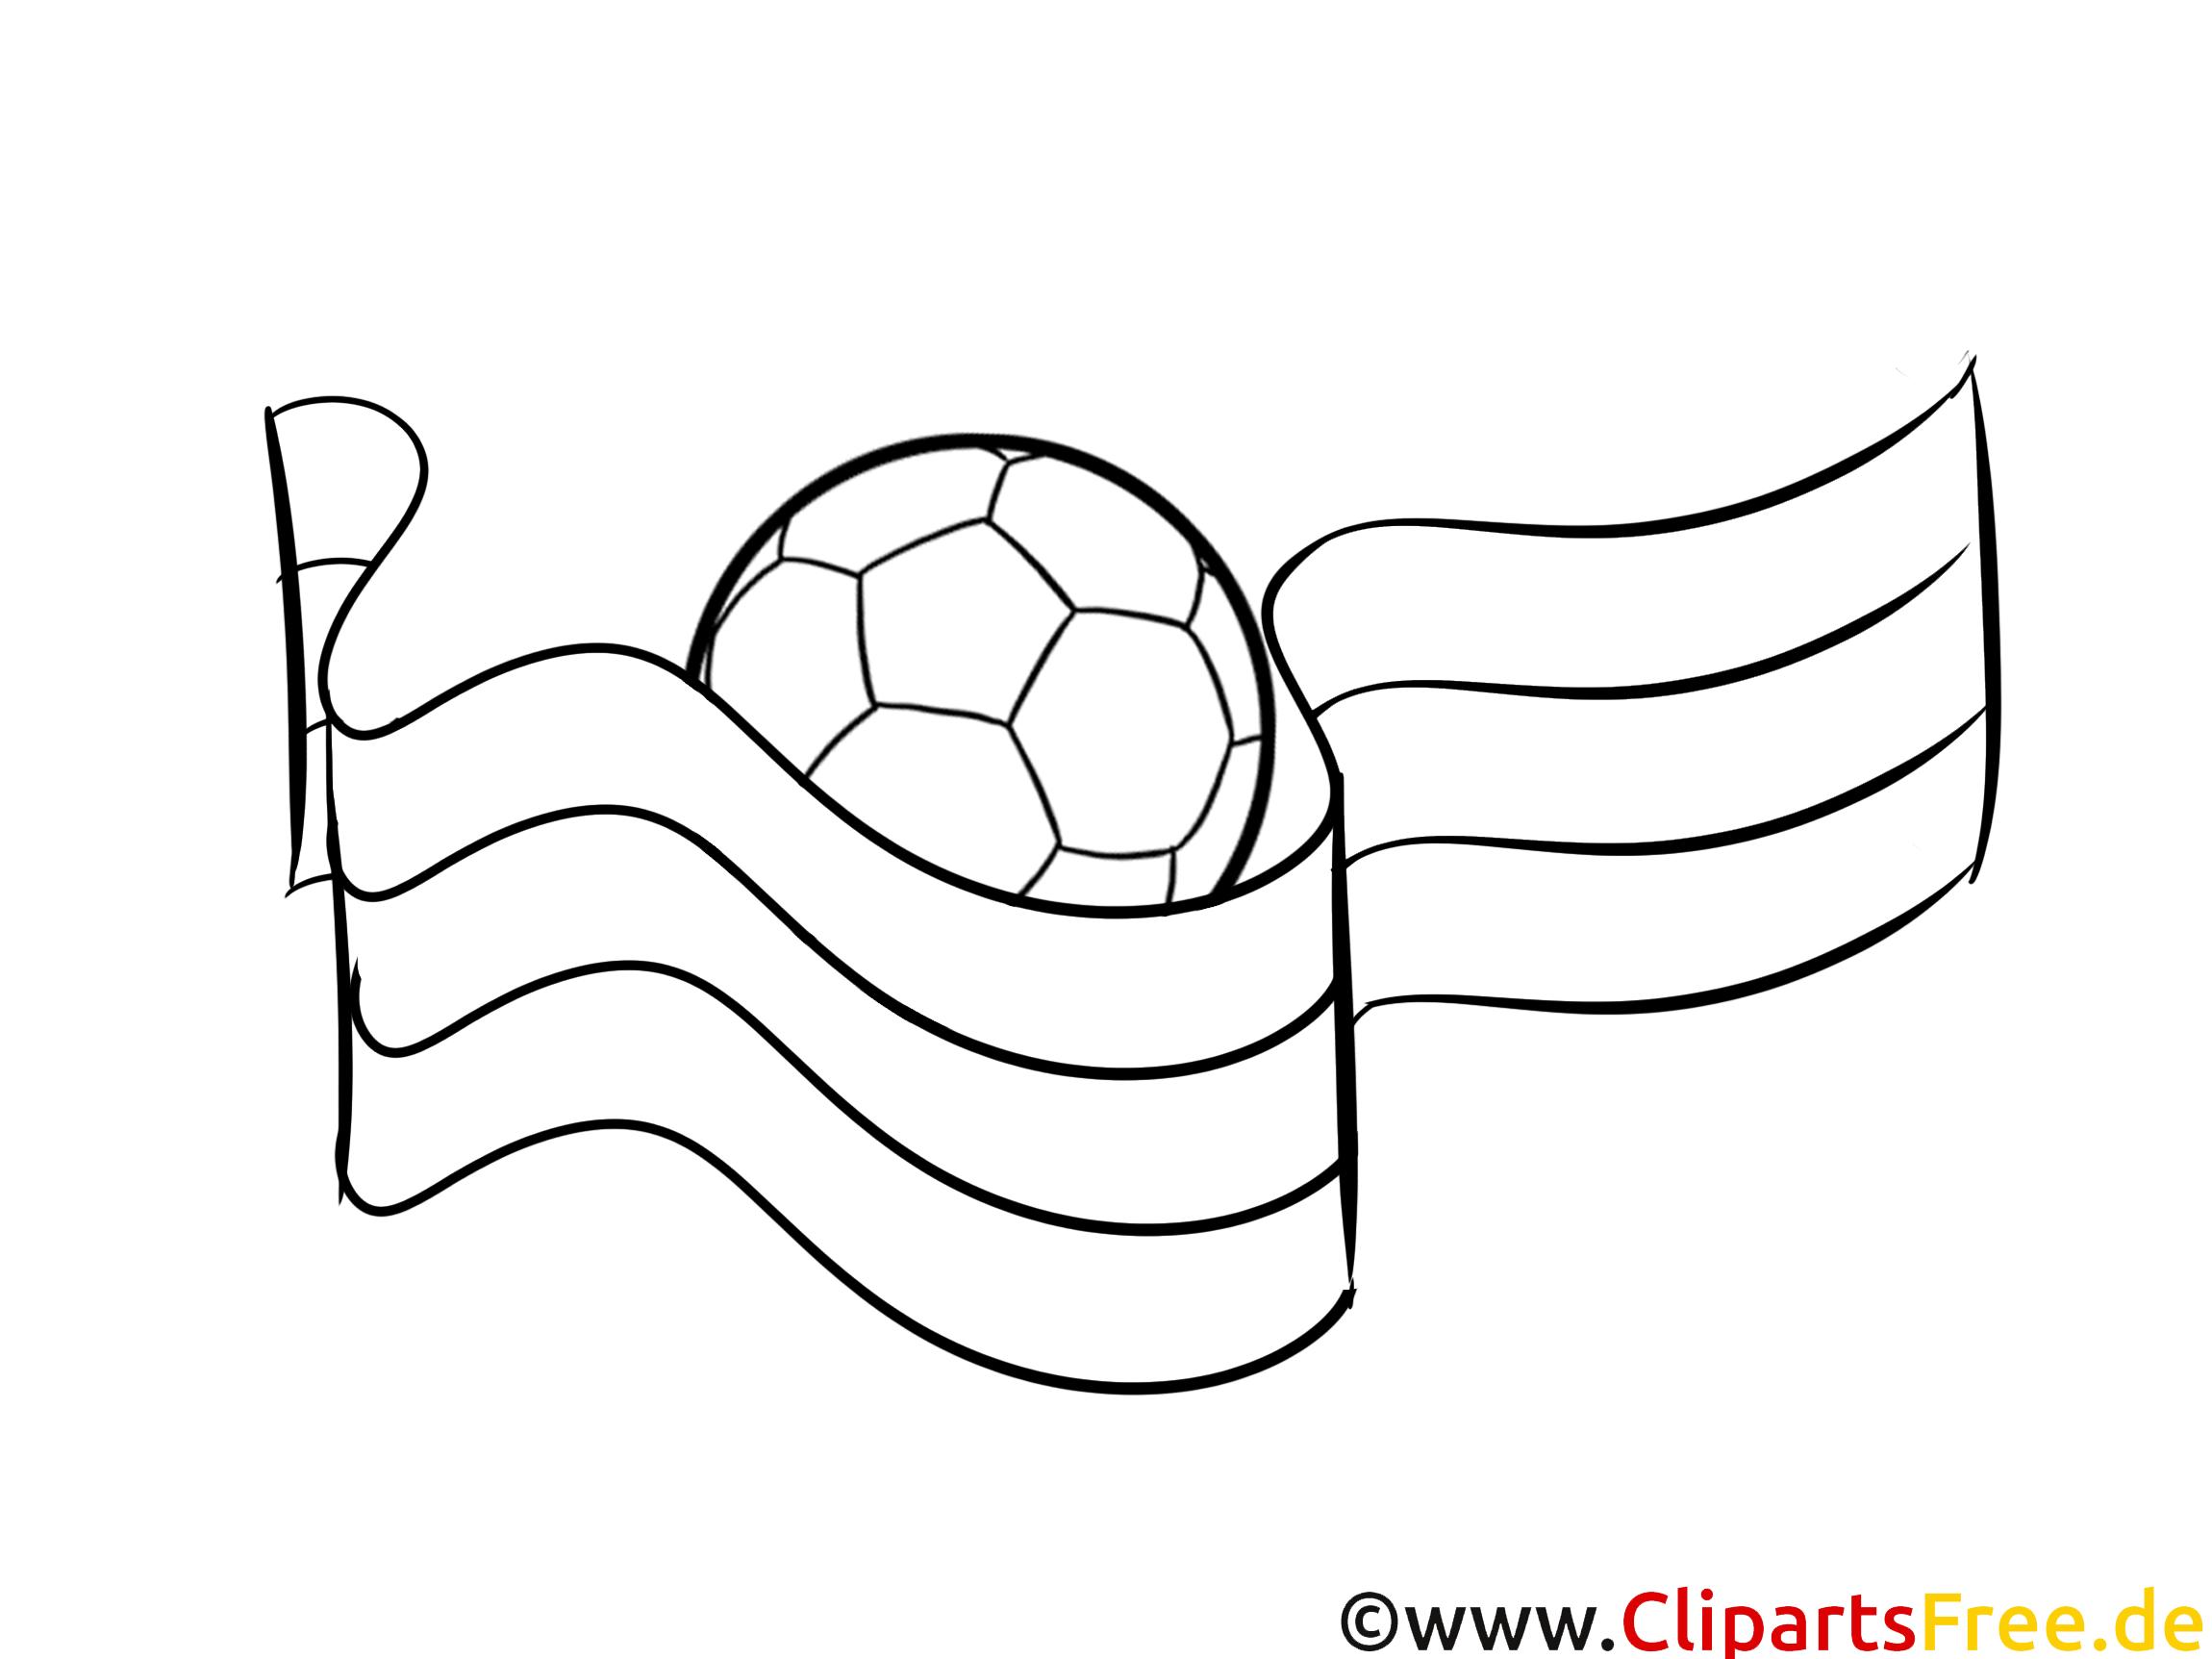 Flagge und Ball - Malvorlage zu Fussball EM und WM